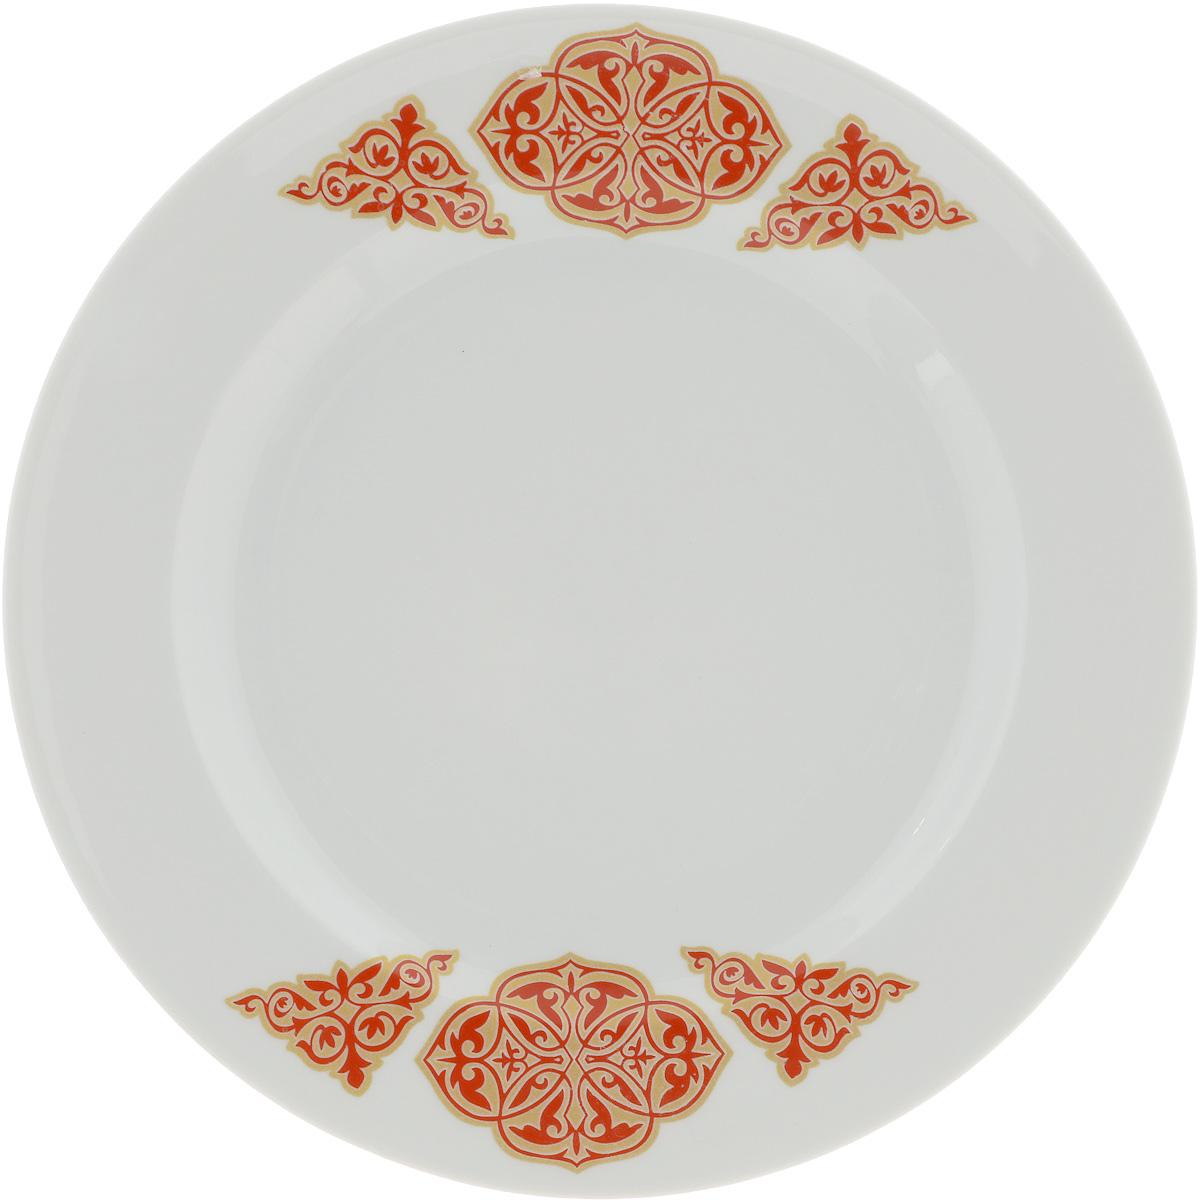 Тарелка Идиллия. Восточный, диаметр 23,5 см54 009312Тарелка Идиллия. Восточный изготовлена из высококачественного фарфора. Изделие декорировано красочным изображением. Такая тарелка отлично подойдет в качестве блюда, она идеальна для сервировки закусок, нарезок, горячих блюд. Тарелка прекрасно дополнит сервировку стола и порадует вас оригинальным дизайном. Диаметр тарелки: 23,5 см. Высота стенки: 3 см.